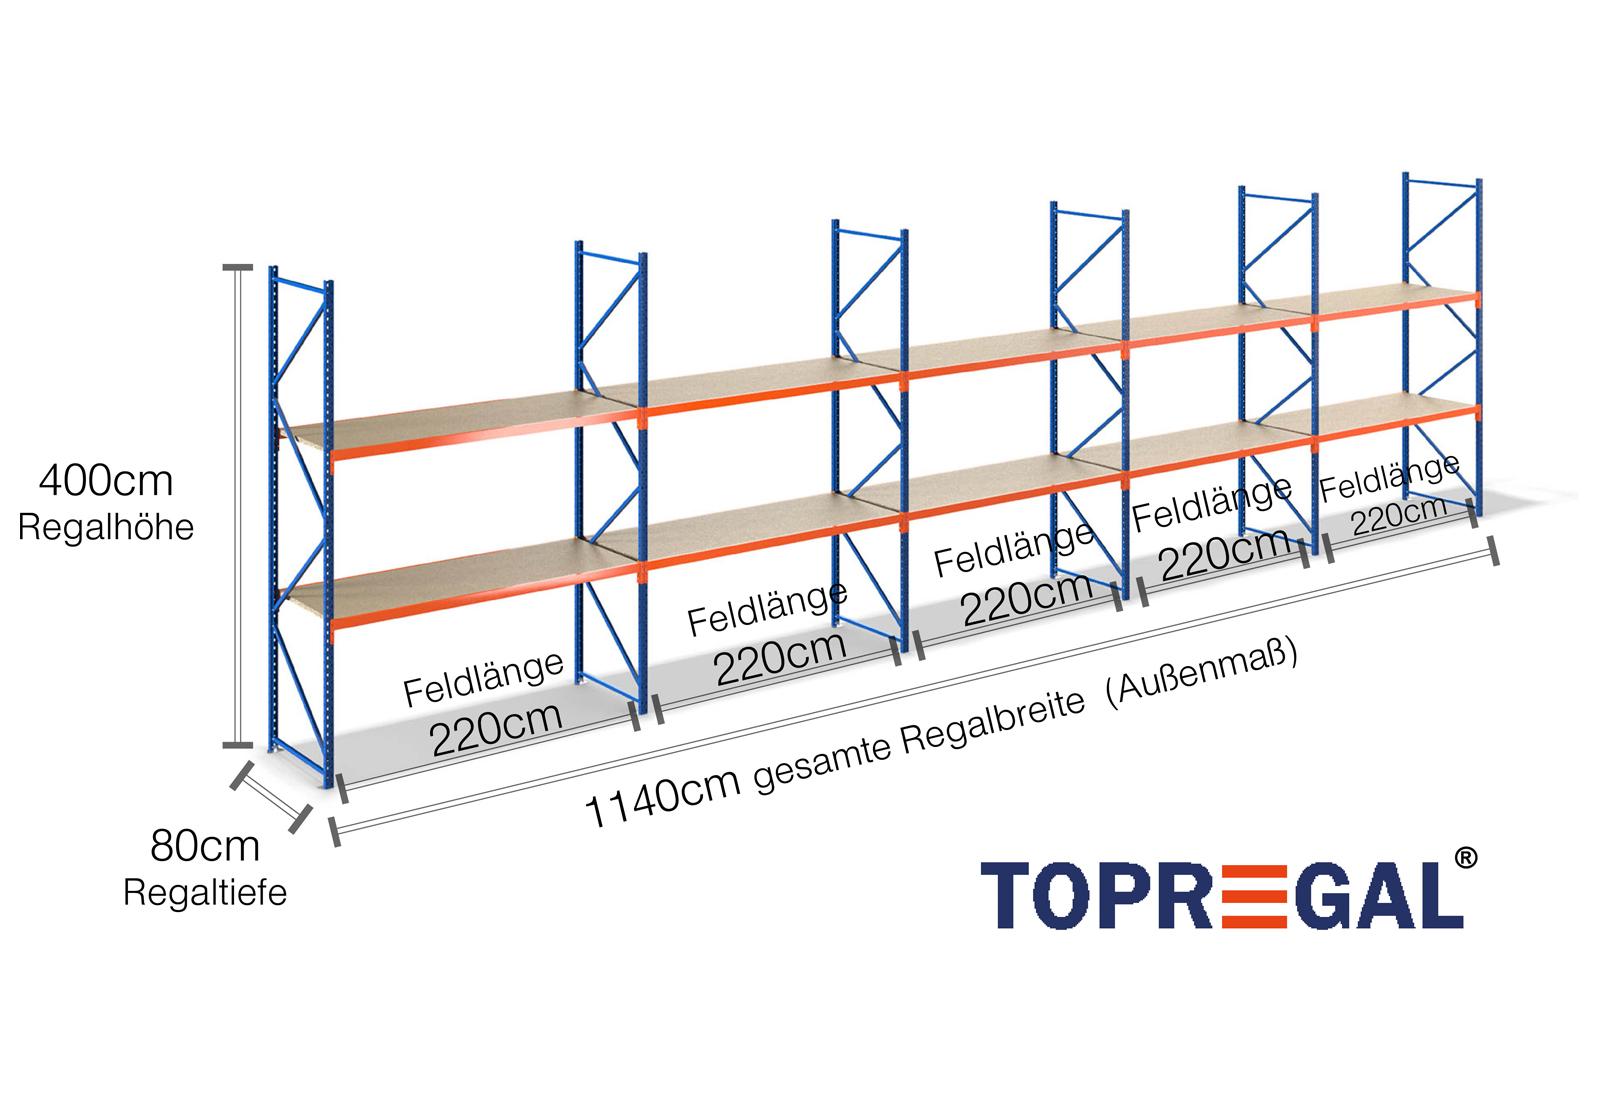 11 4m lagerregal 400cm hoch 80cm tief mit 2 ebenen inkl for Gartenteich 80 cm tief